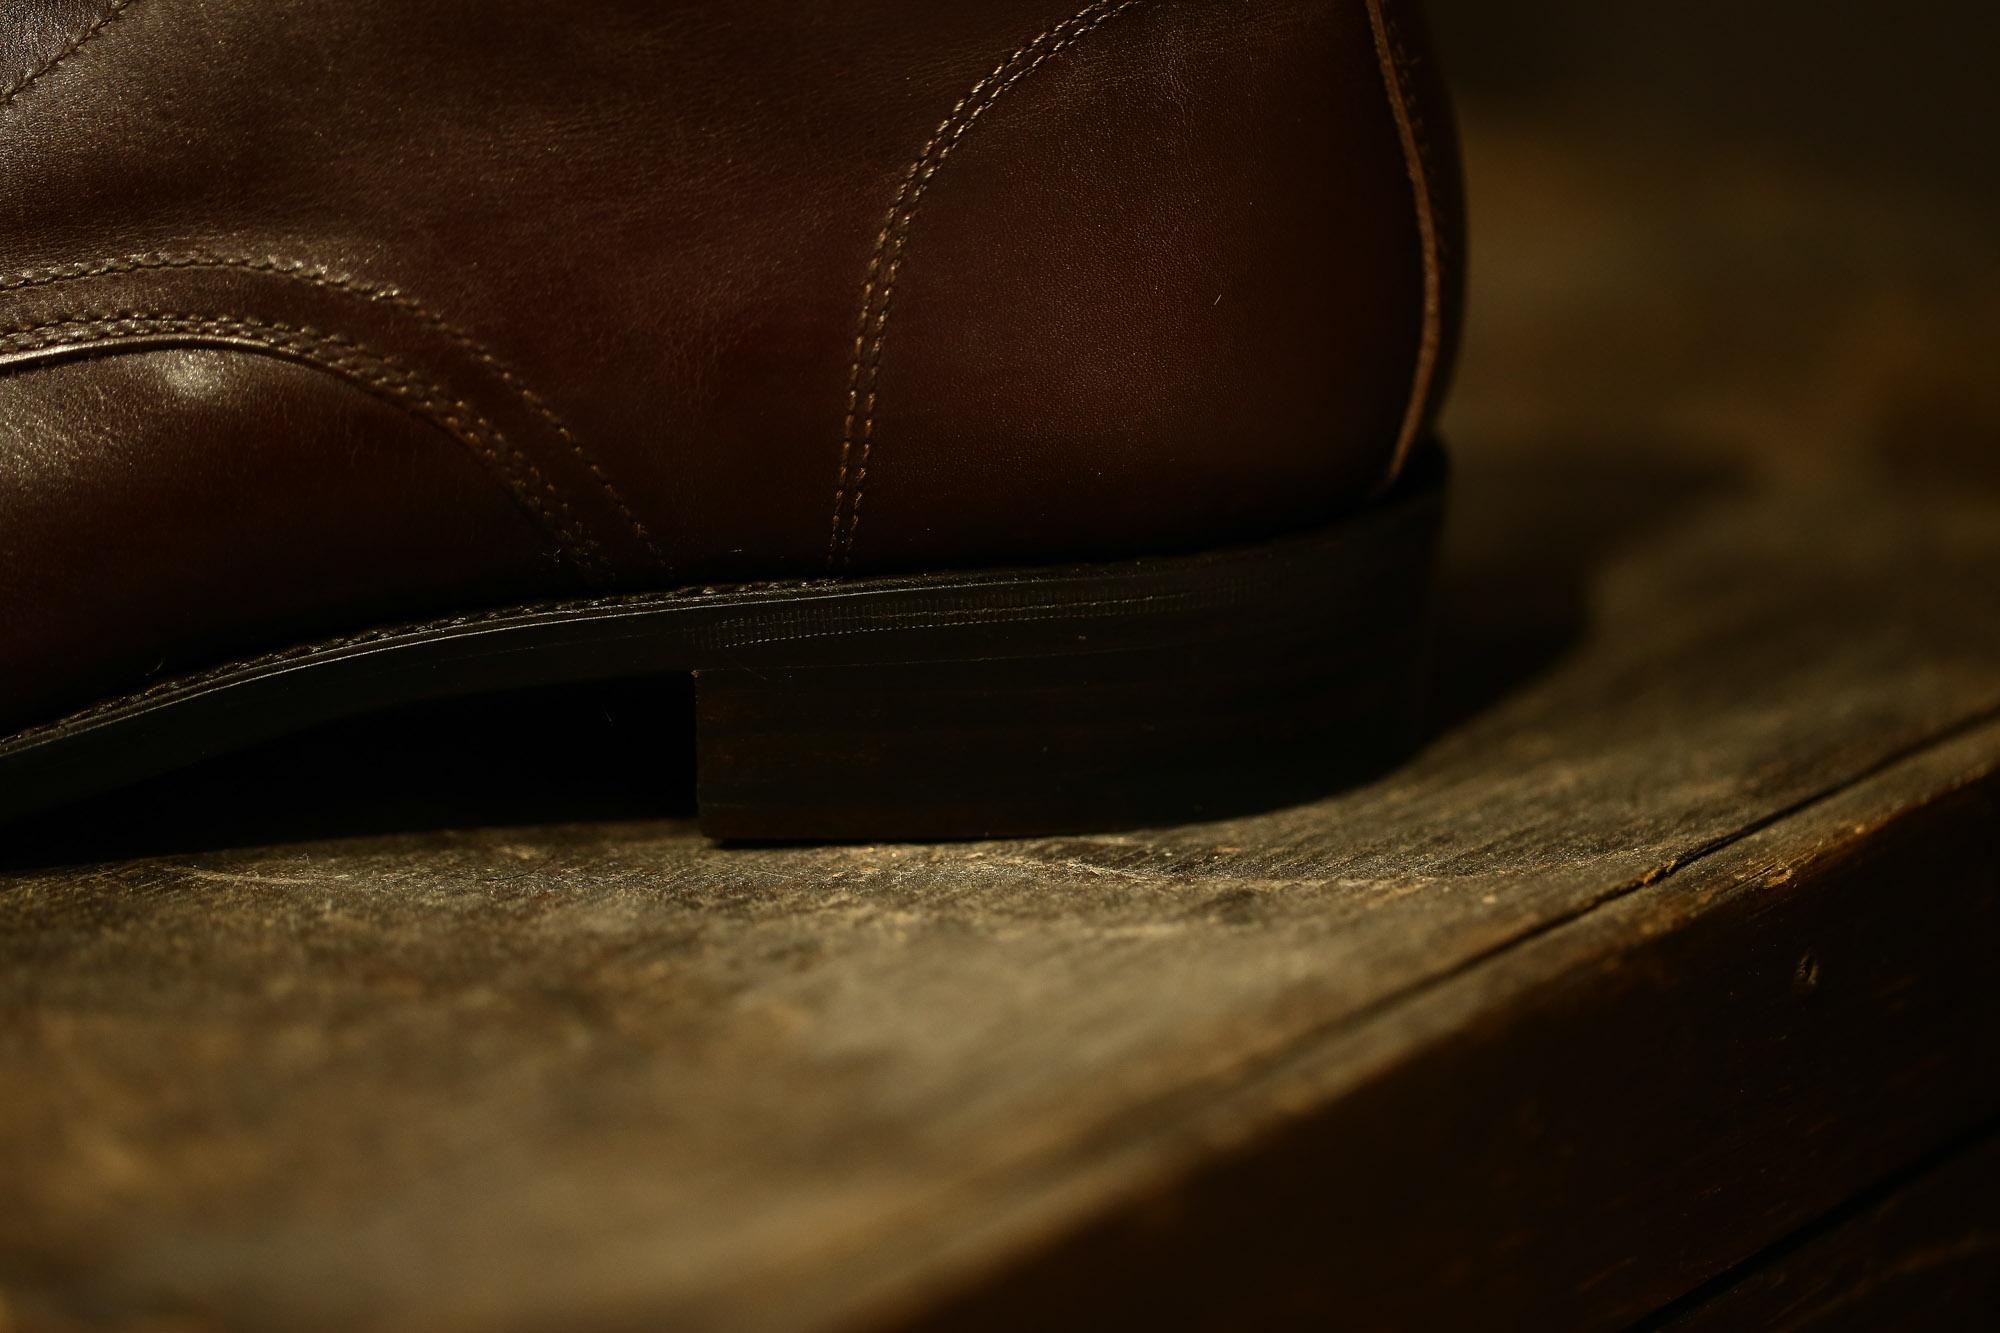 Cuervo(クエルボ) Shoemaker シューメーカー Boots ブーツ ストレートチップ ホーウィン社 シェルコードバン クロームエクセルレザー フランス名門タンナー アノネイ社 ボカルーカーフ 日本製 Made in japan ドレスシューズ Dress shoes ワークブーツ ミリタリーブーツ シューズ 靴 レザーソール ラバーソール ヴィンテージ アンティーク Alto e Diritto 愛知 名古屋 アルト エ デリット